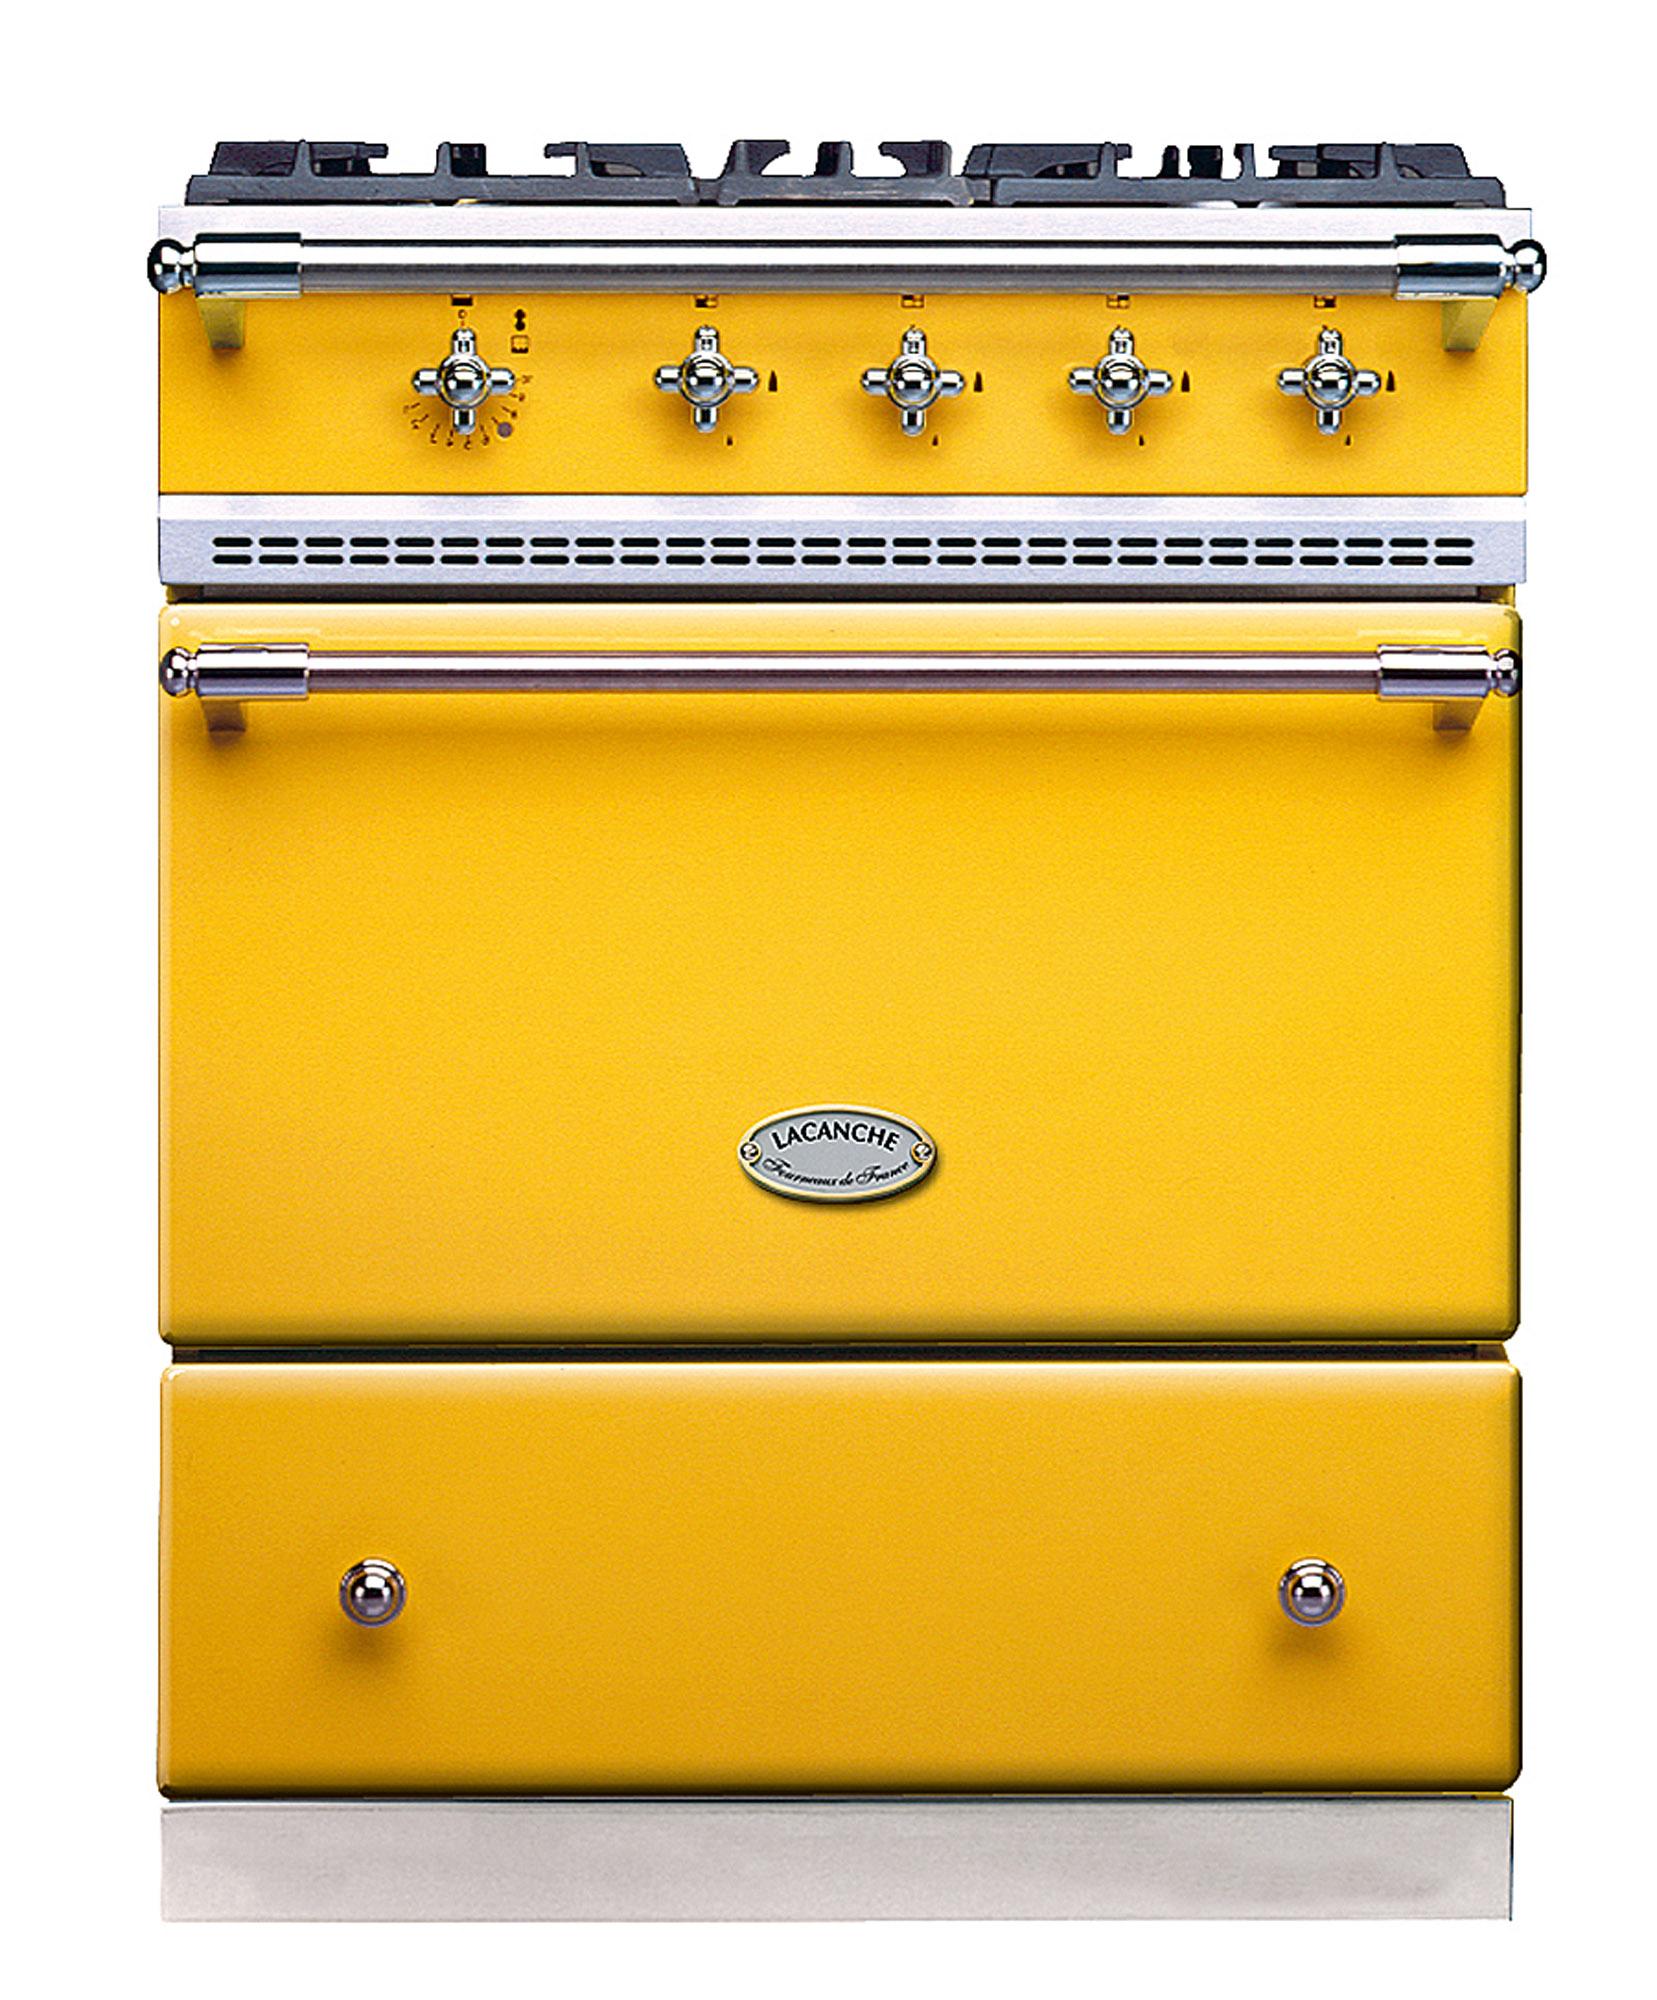 Lacanche Cormatin stove